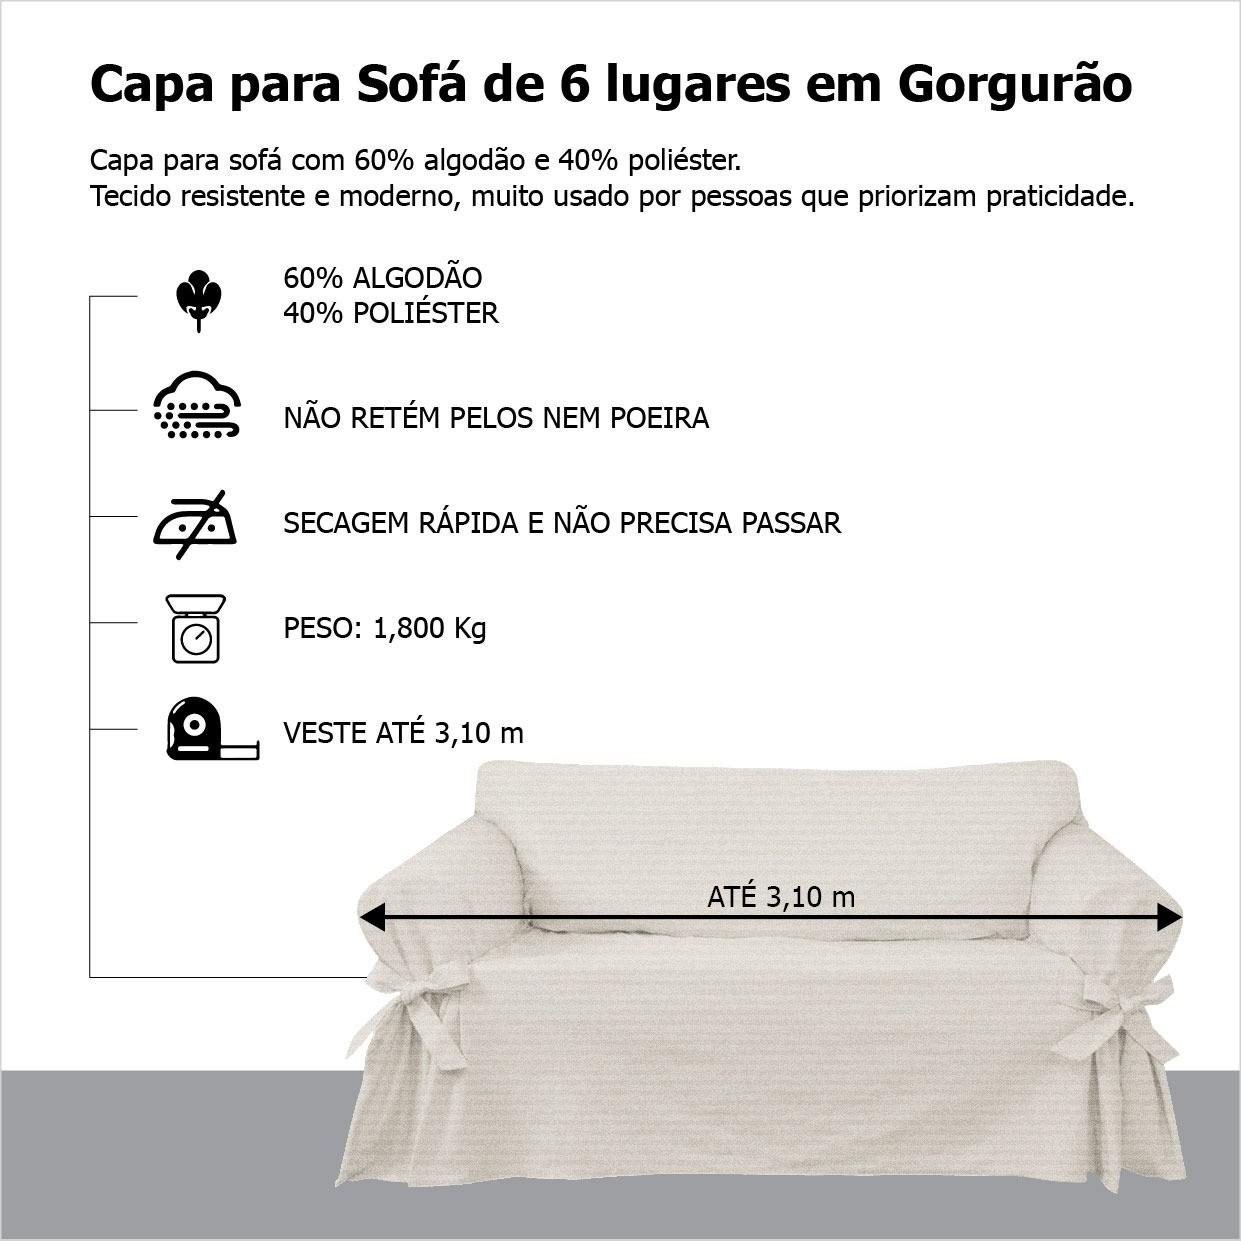 Capa p/ Sofá de 6 Lug CINZA em Gorgurão